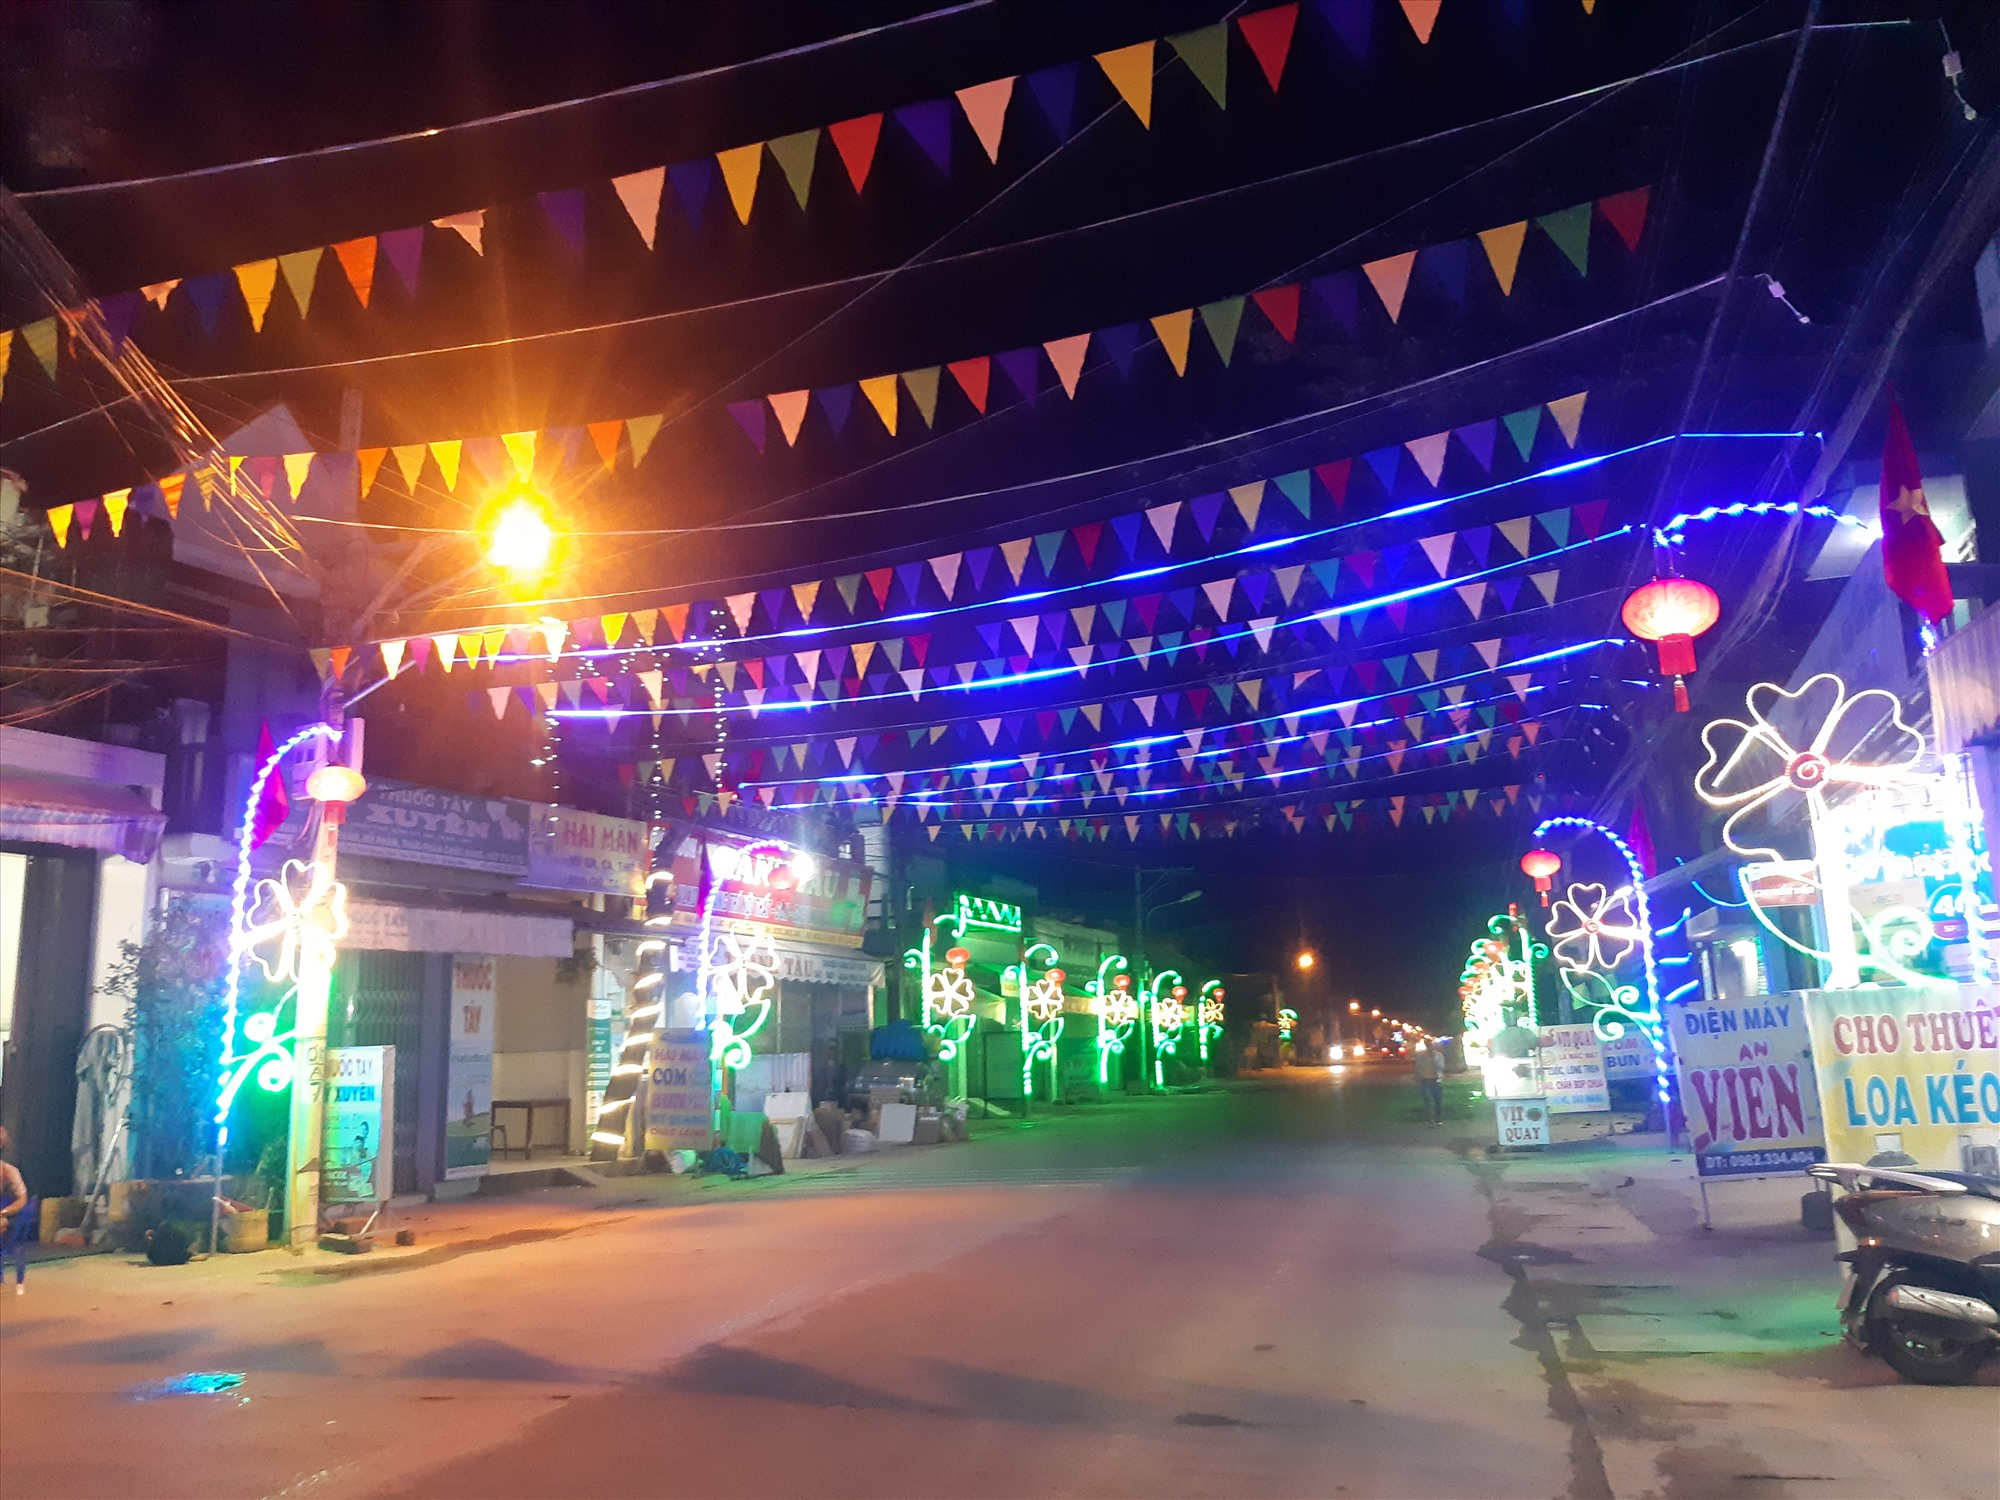 Điện lưới cung cấp ổn định cho các hệ thống chiếu sáng đường quê tại các xã nông thôn mới Đại Lộc. Ảnh: HOÀNG LIÊN